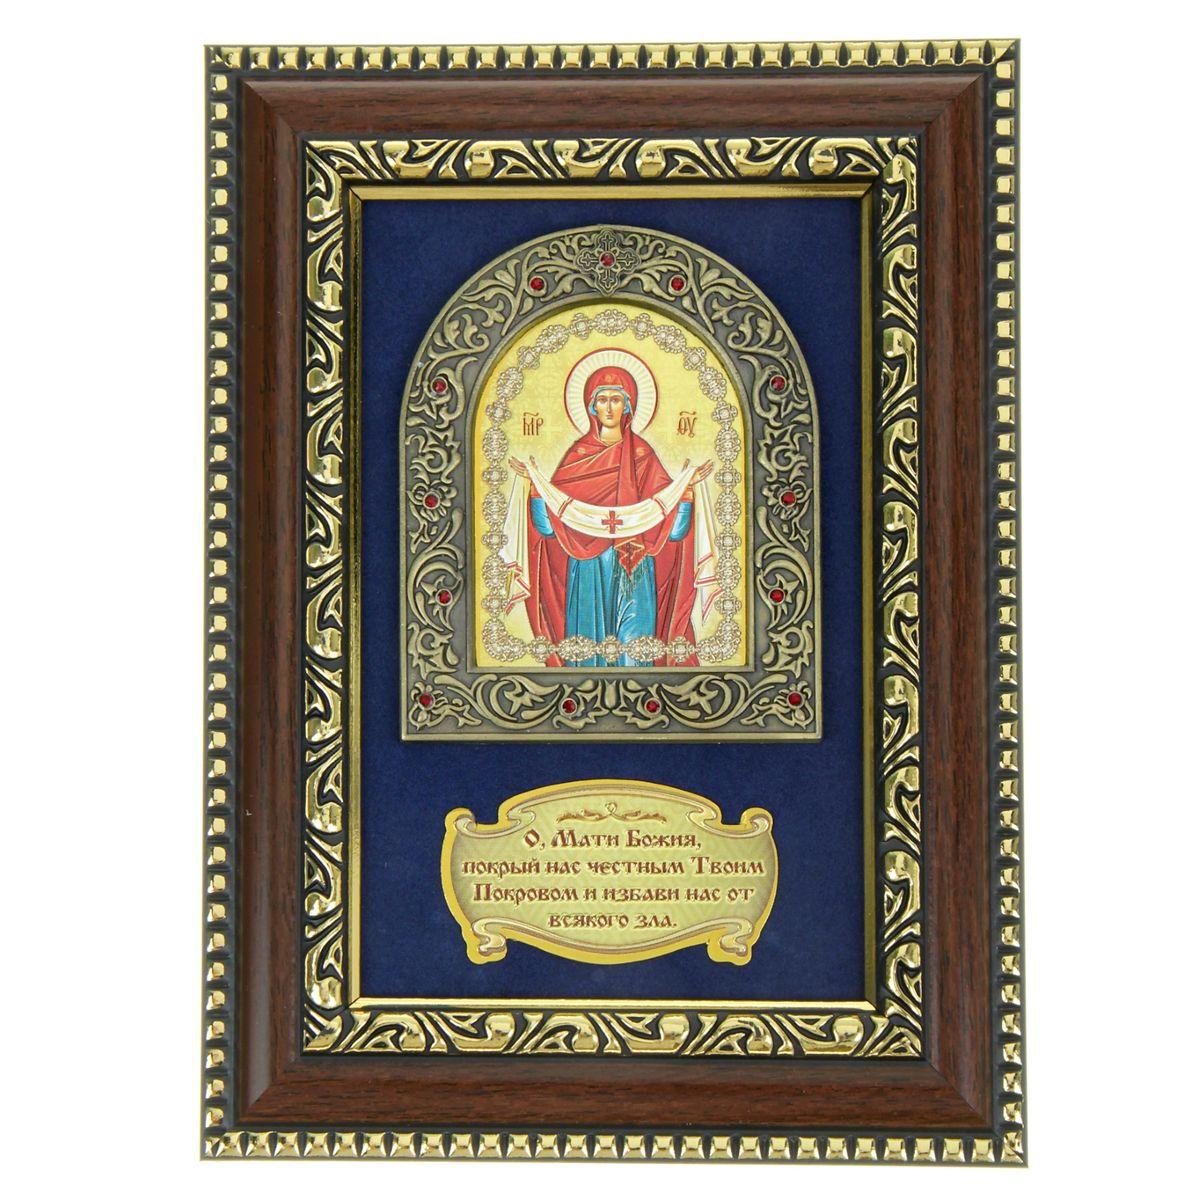 Панно-икона Покрова Пресвятой Богородицы, 14,5 х 19,5 см54 009312Панно-икона Покрова Пресвятой Богородицы представляет собой небольшую икону, размещенную на картонной подложке синего цвета. Ниже расположена табличка с молитвой О, Мати Божия, покрый нас честным Твоим Покровом и избави нас от всякого зла. Икона обрамлена в металлическую рамку, украшенную изысканным рельефом и инкрустированную мелкими красными стразами. Рамка для панно с золотистым узорным рельефом выполнена из дерева. Панно можно подвесить на стену или поставить на стол, для чего с задней стороны предусмотрена специальная ножка. Любое помещение выглядит незавершенным без правильно расположенных предметов интерьера. Они помогают создать уют, расставить акценты, подчеркнуть достоинства или скрыть недостатки. Не бывает незначительных деталей. Из мелочей складывается образ человека и стиль интерьера. Панно-икона Покрова Пресвятой Богородицы - одна из тех деталей, которые придают дому обжитой вид и создают ощущение уюта.